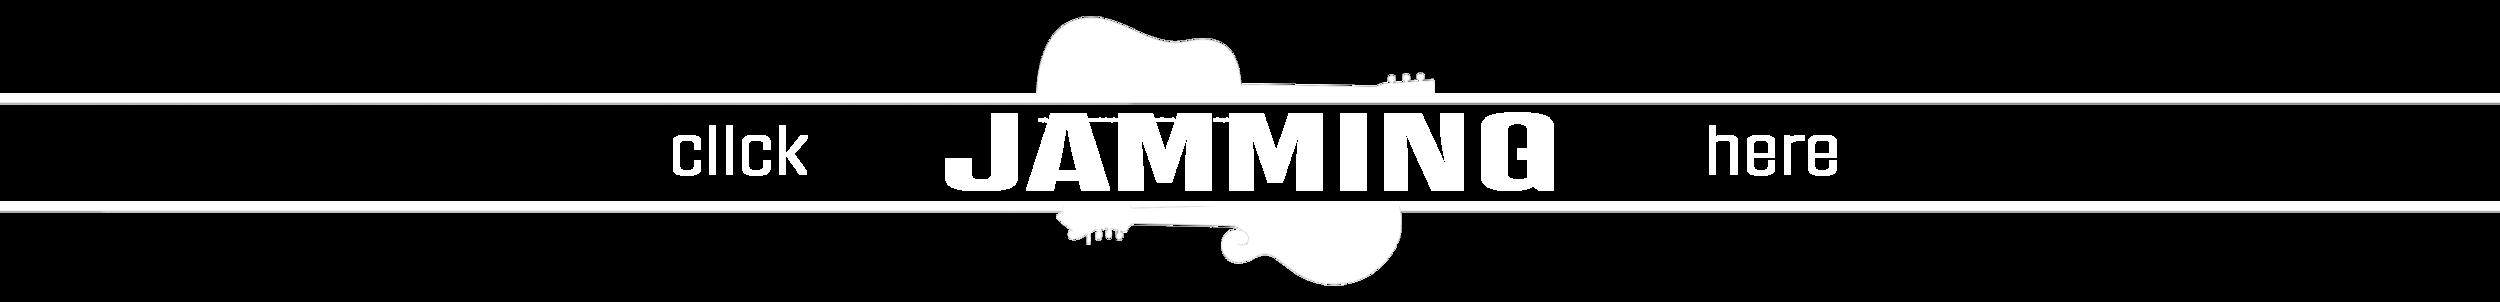 Jamming Seperator WHITE.png